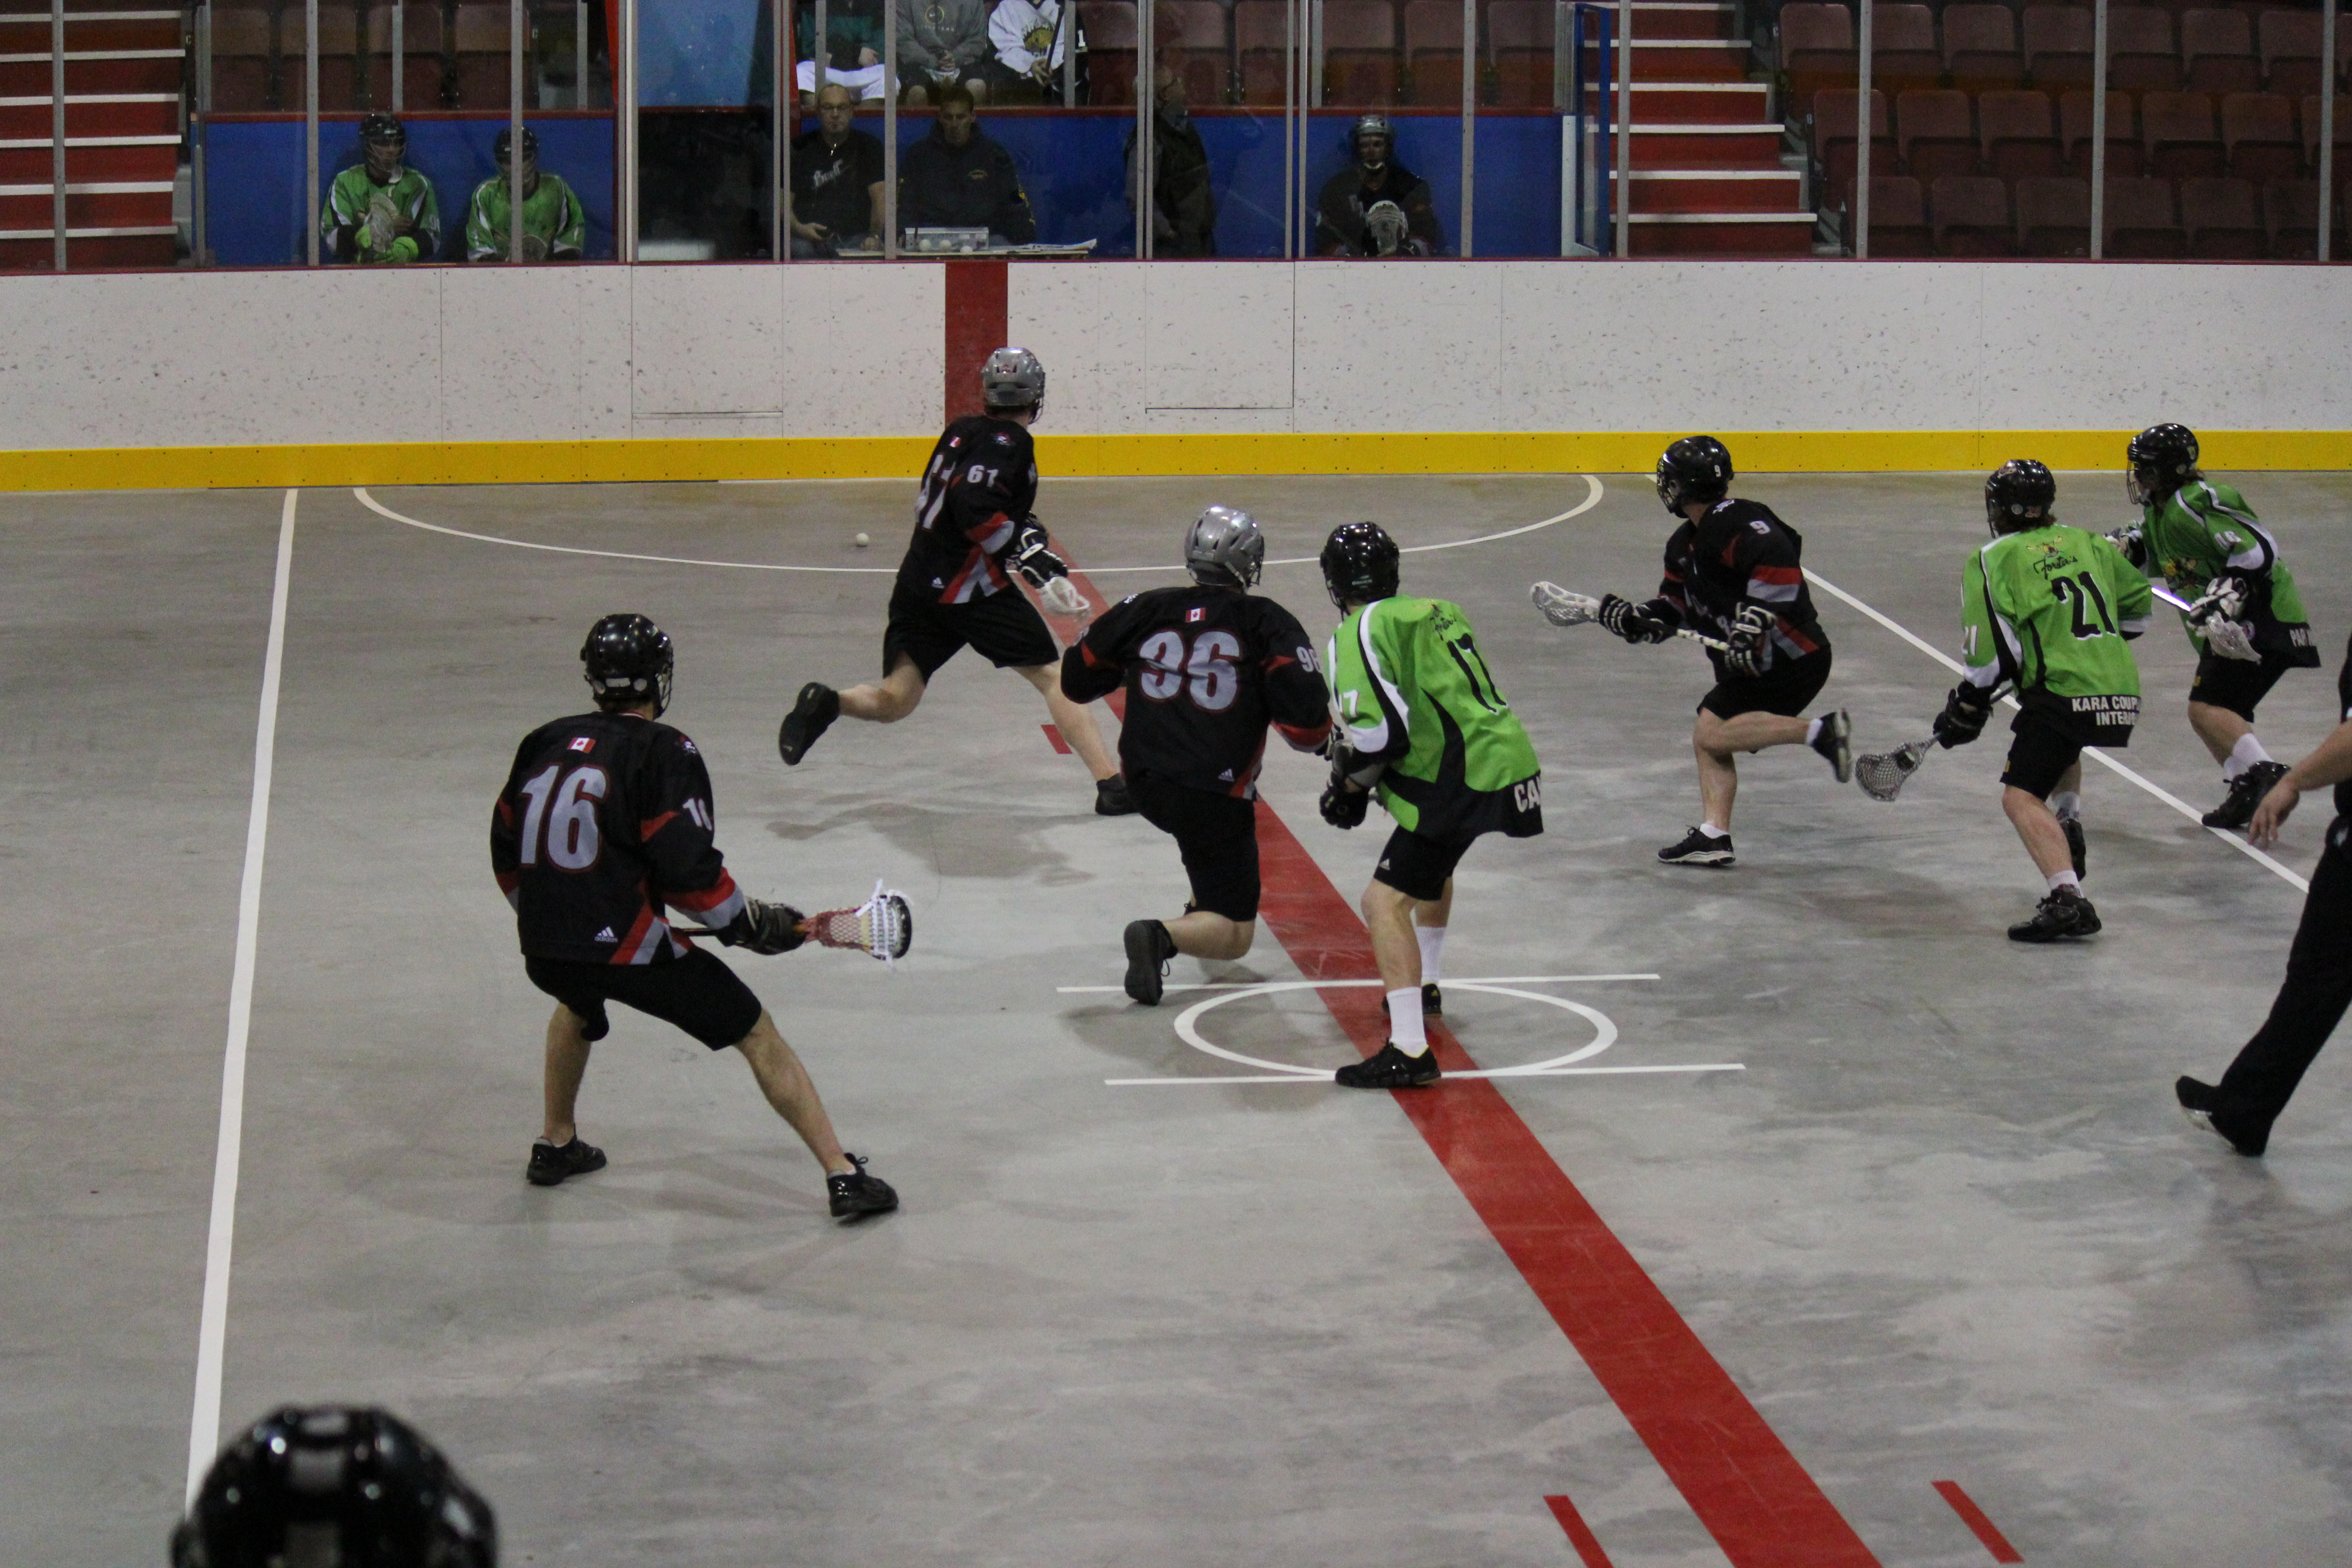 Typical Jr lacrosse faceoff